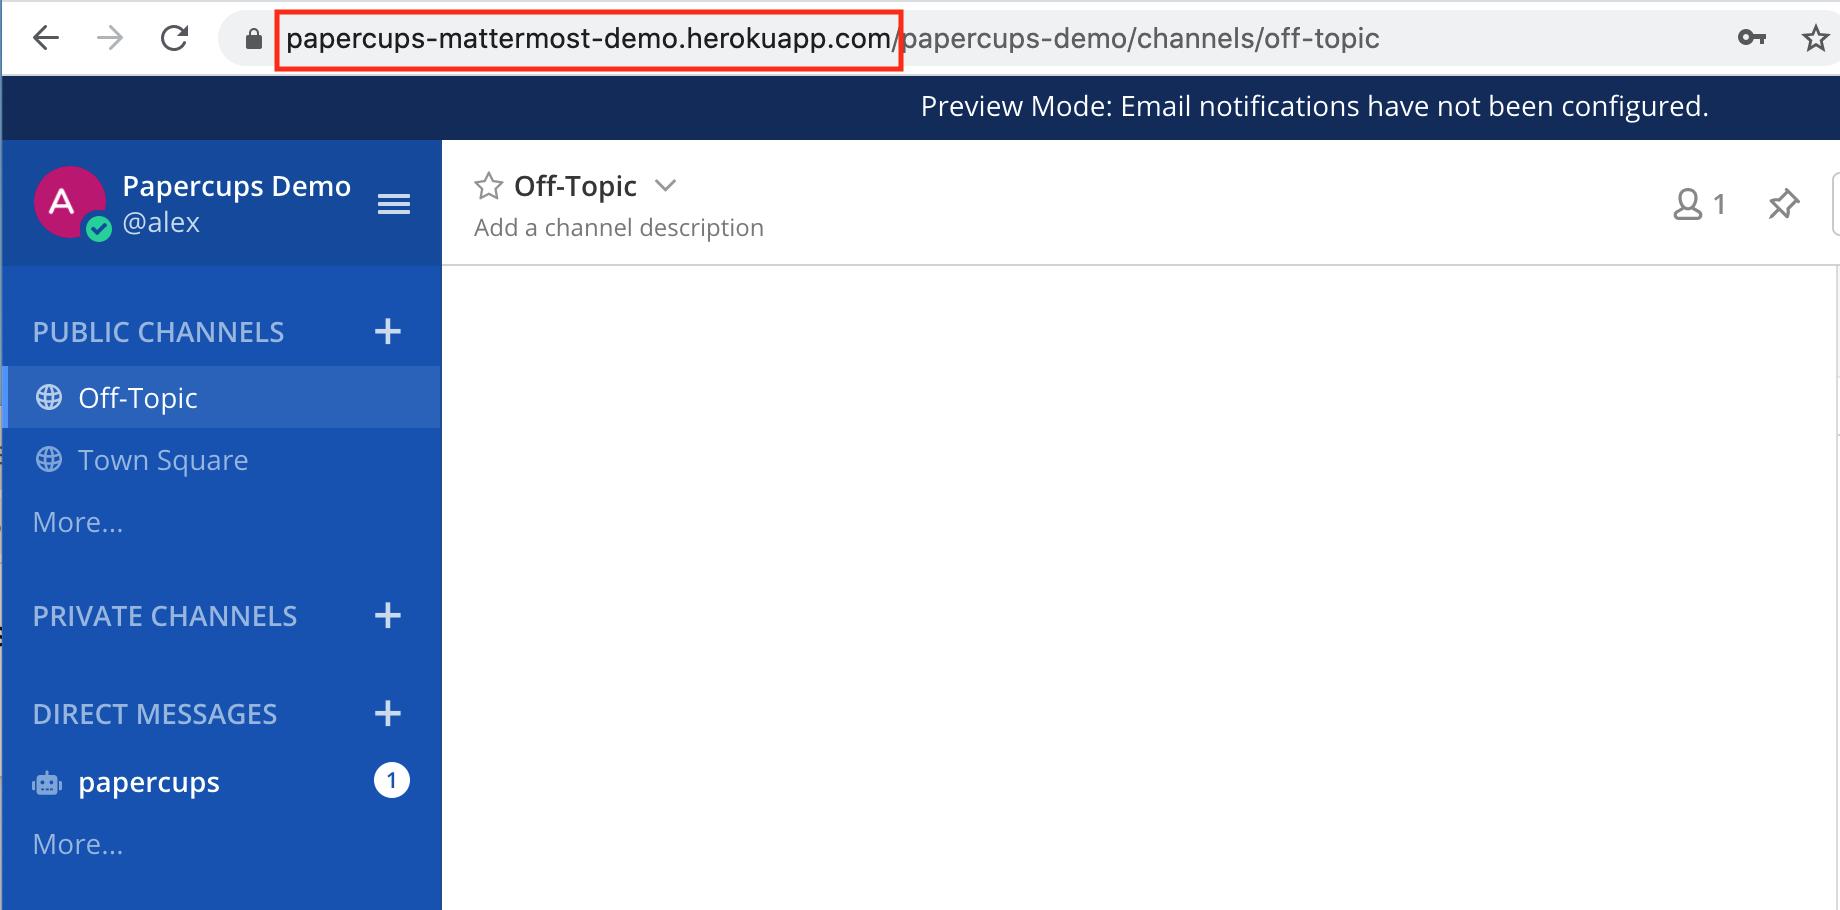 Mattermost dashboard URL